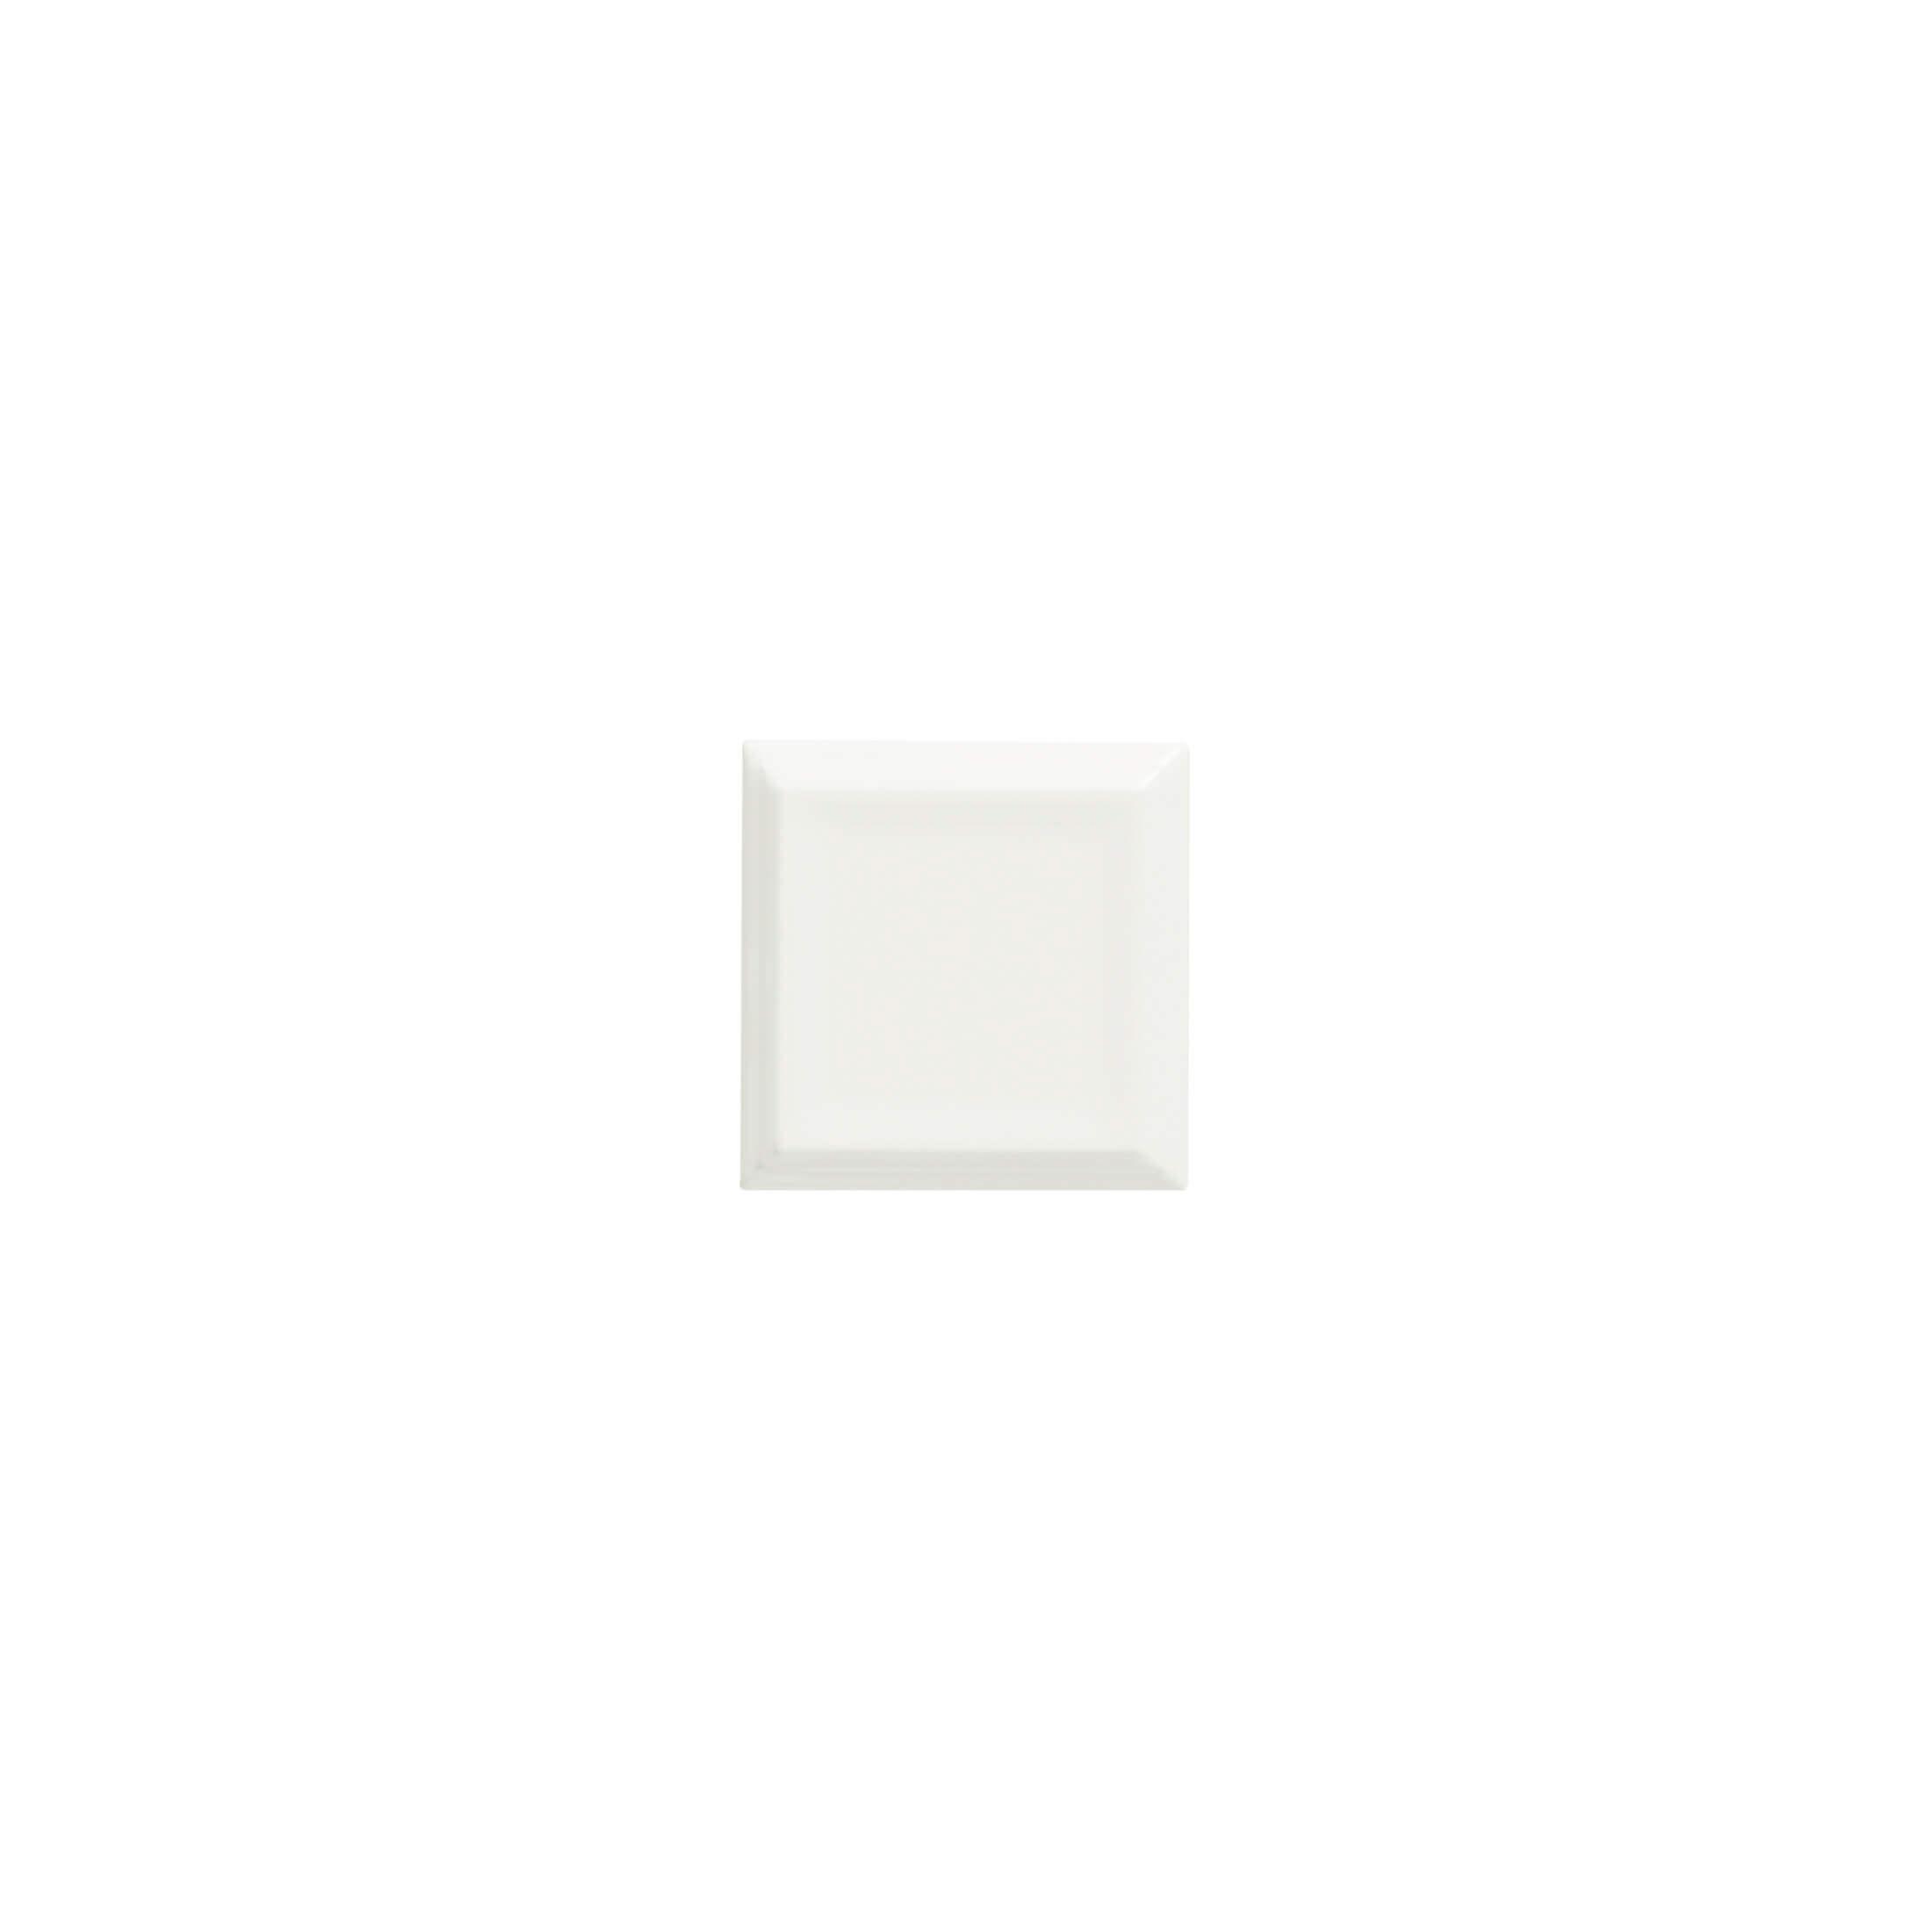 ADST1073 - LISO FRAMED - 7.3 cm X 7.3 cm